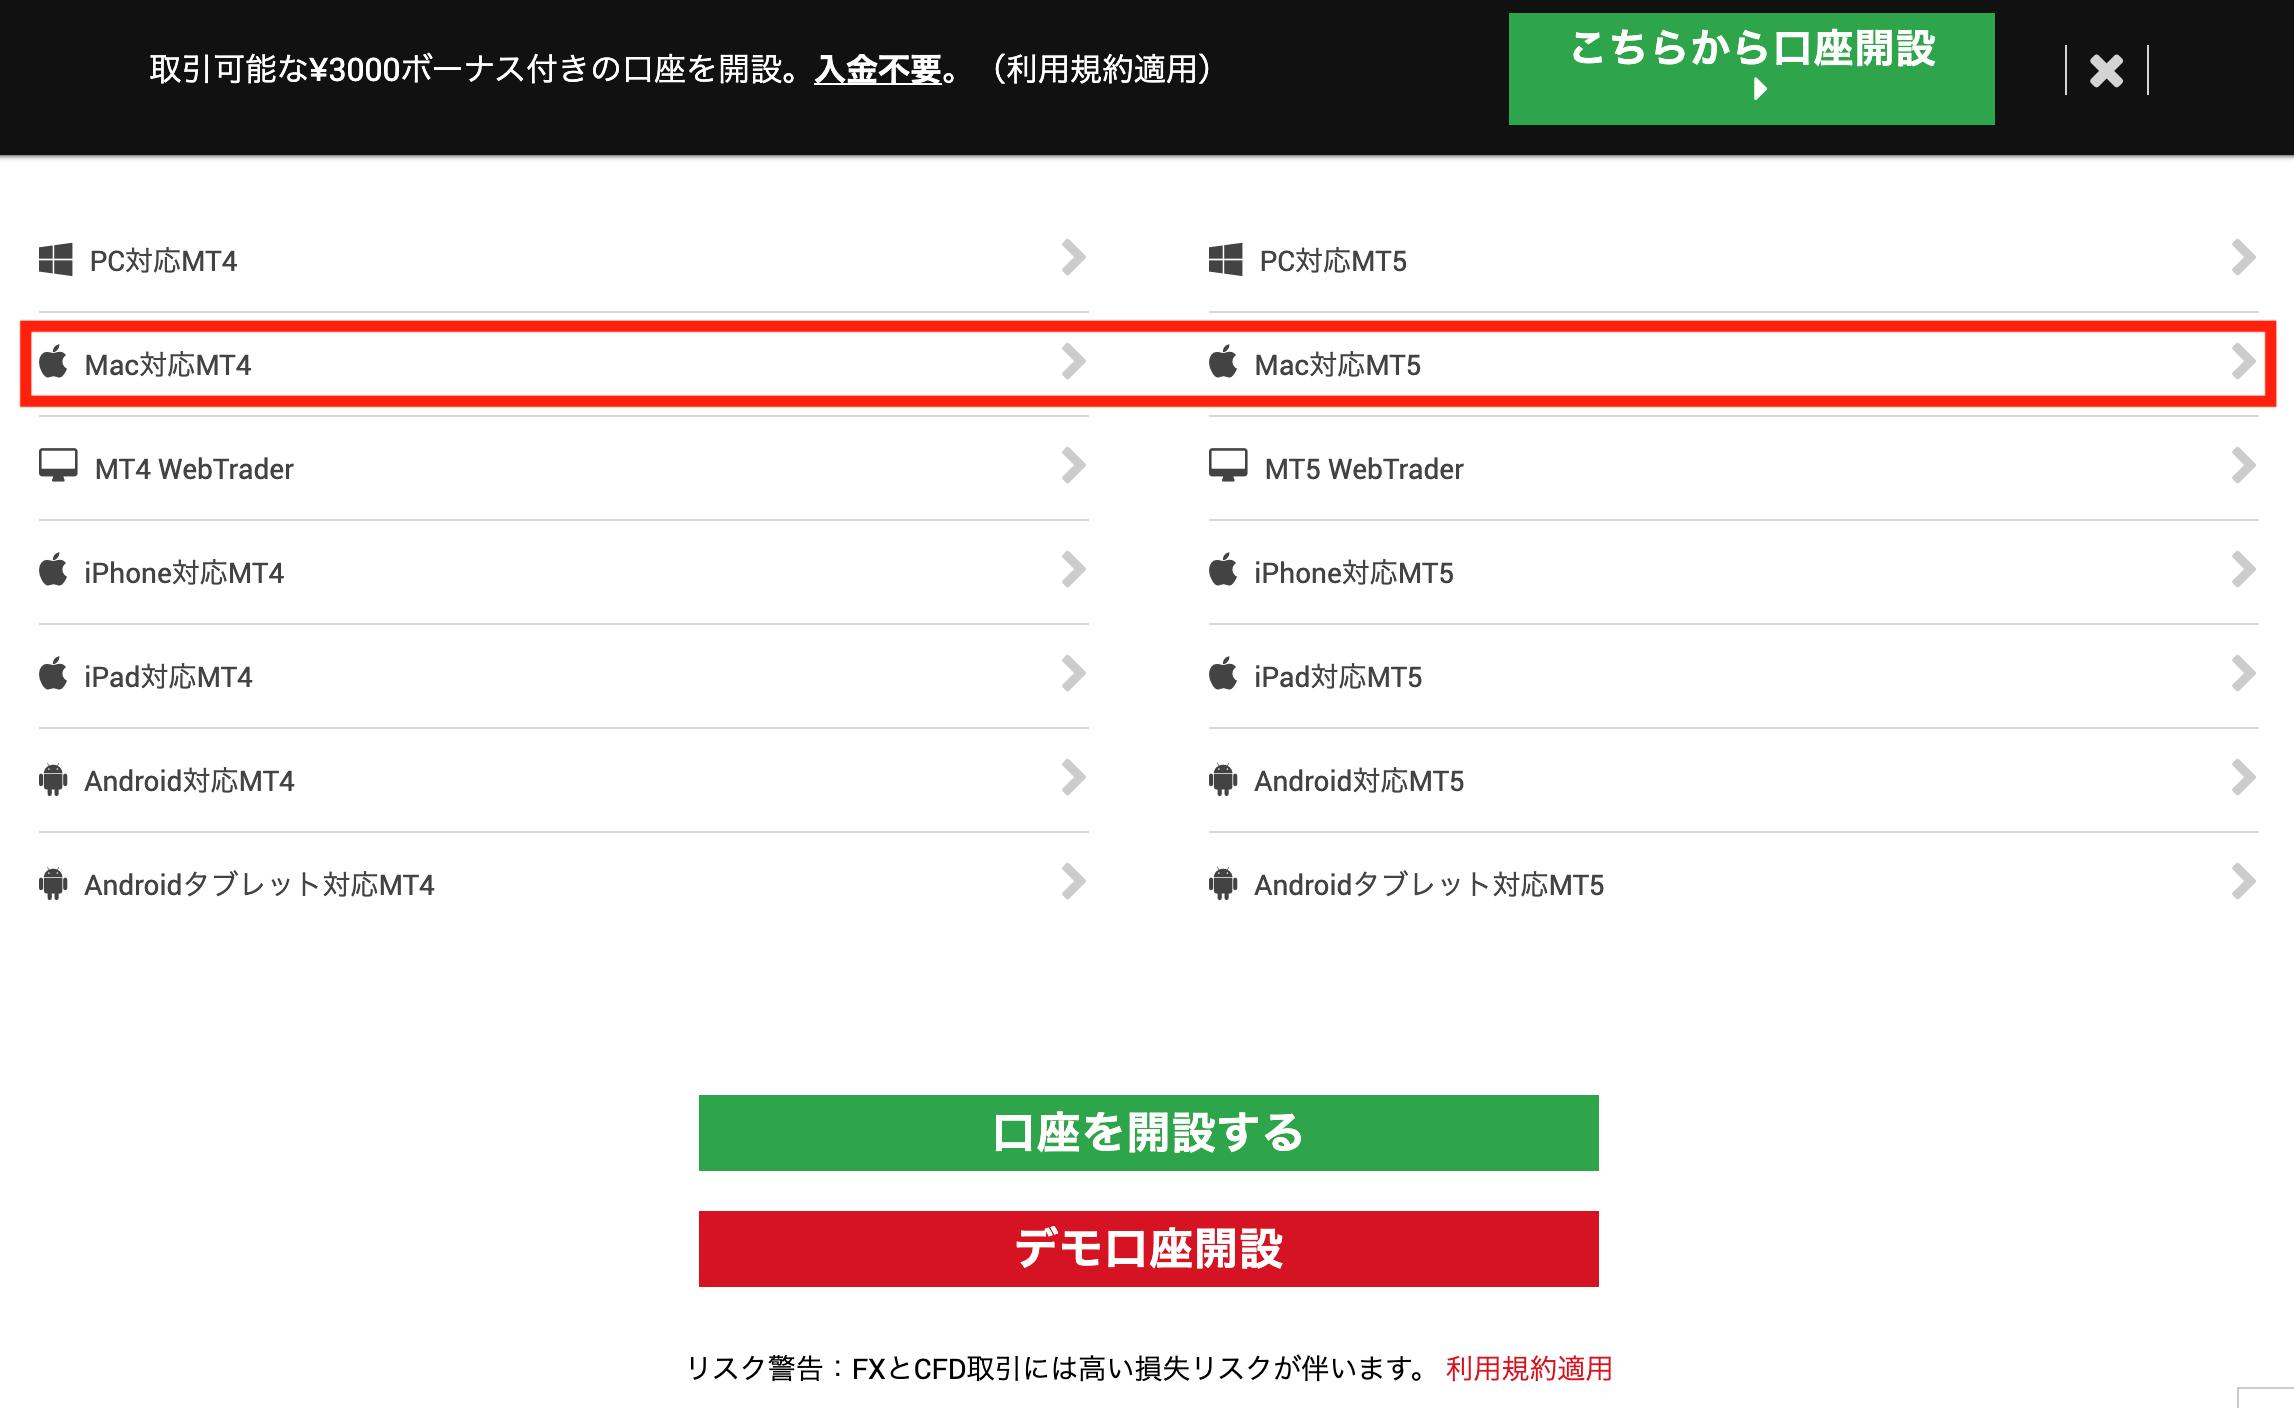 XMホームページよりMT4/MT5をダウンロード